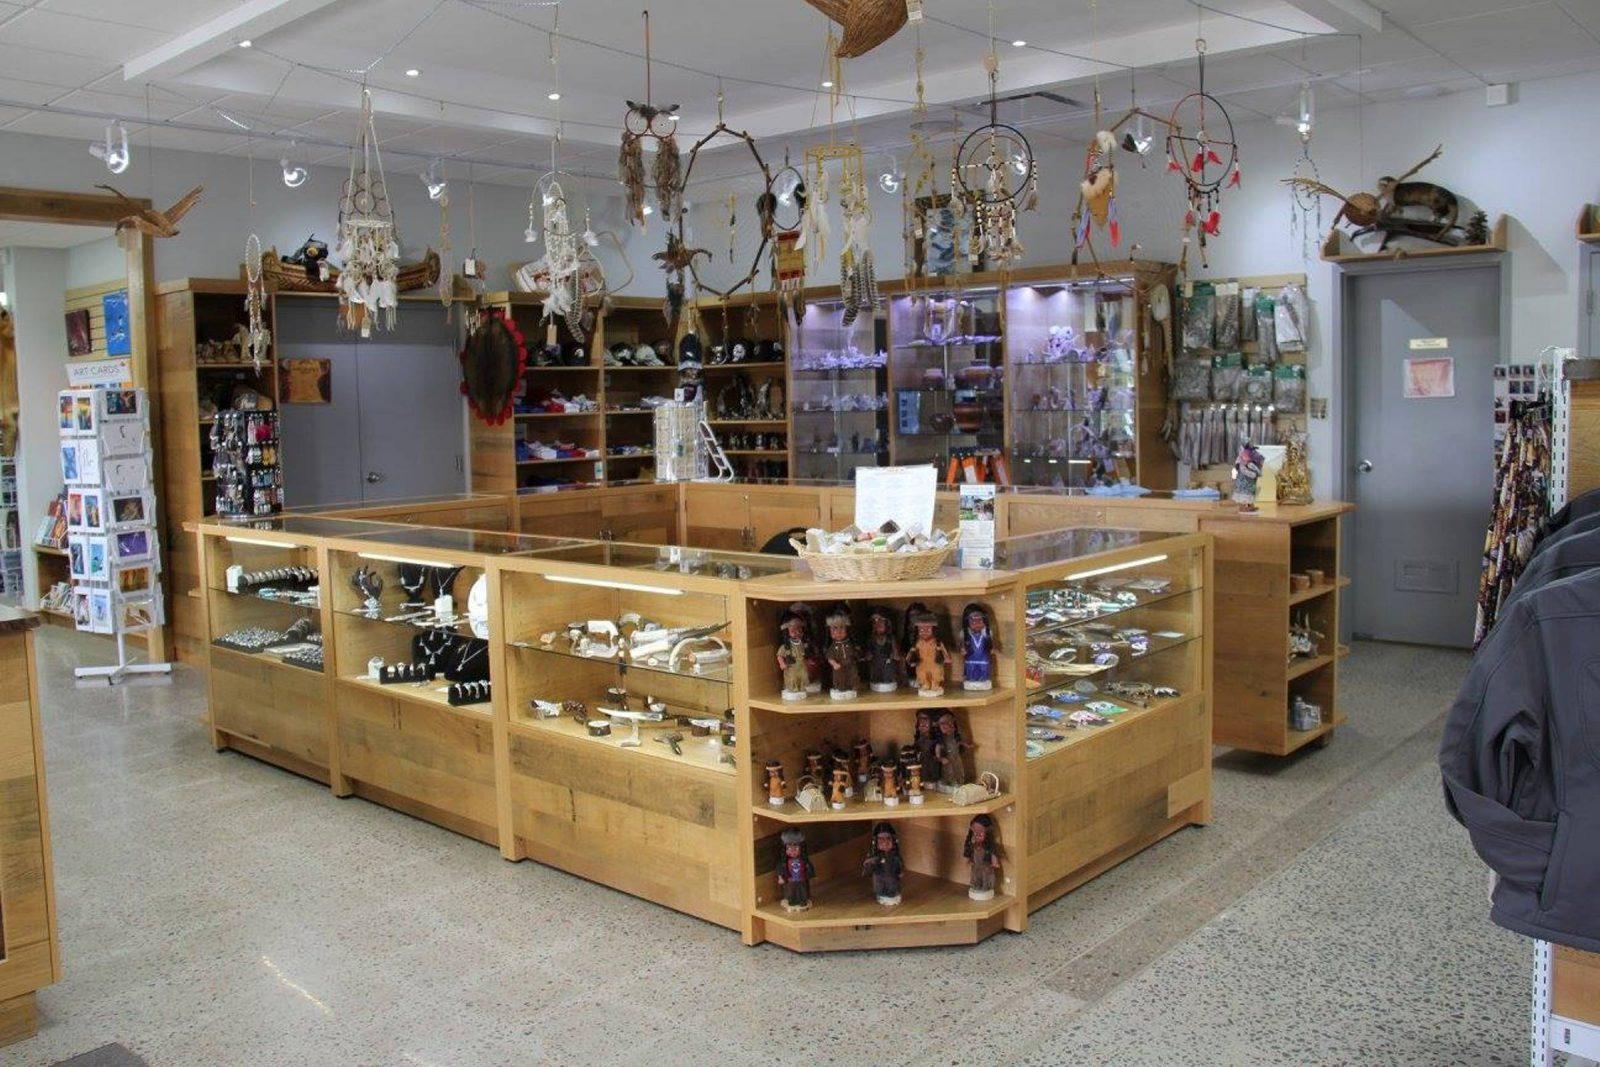 La boutique d'arts amérindiens Teuehikan ferme ses portes